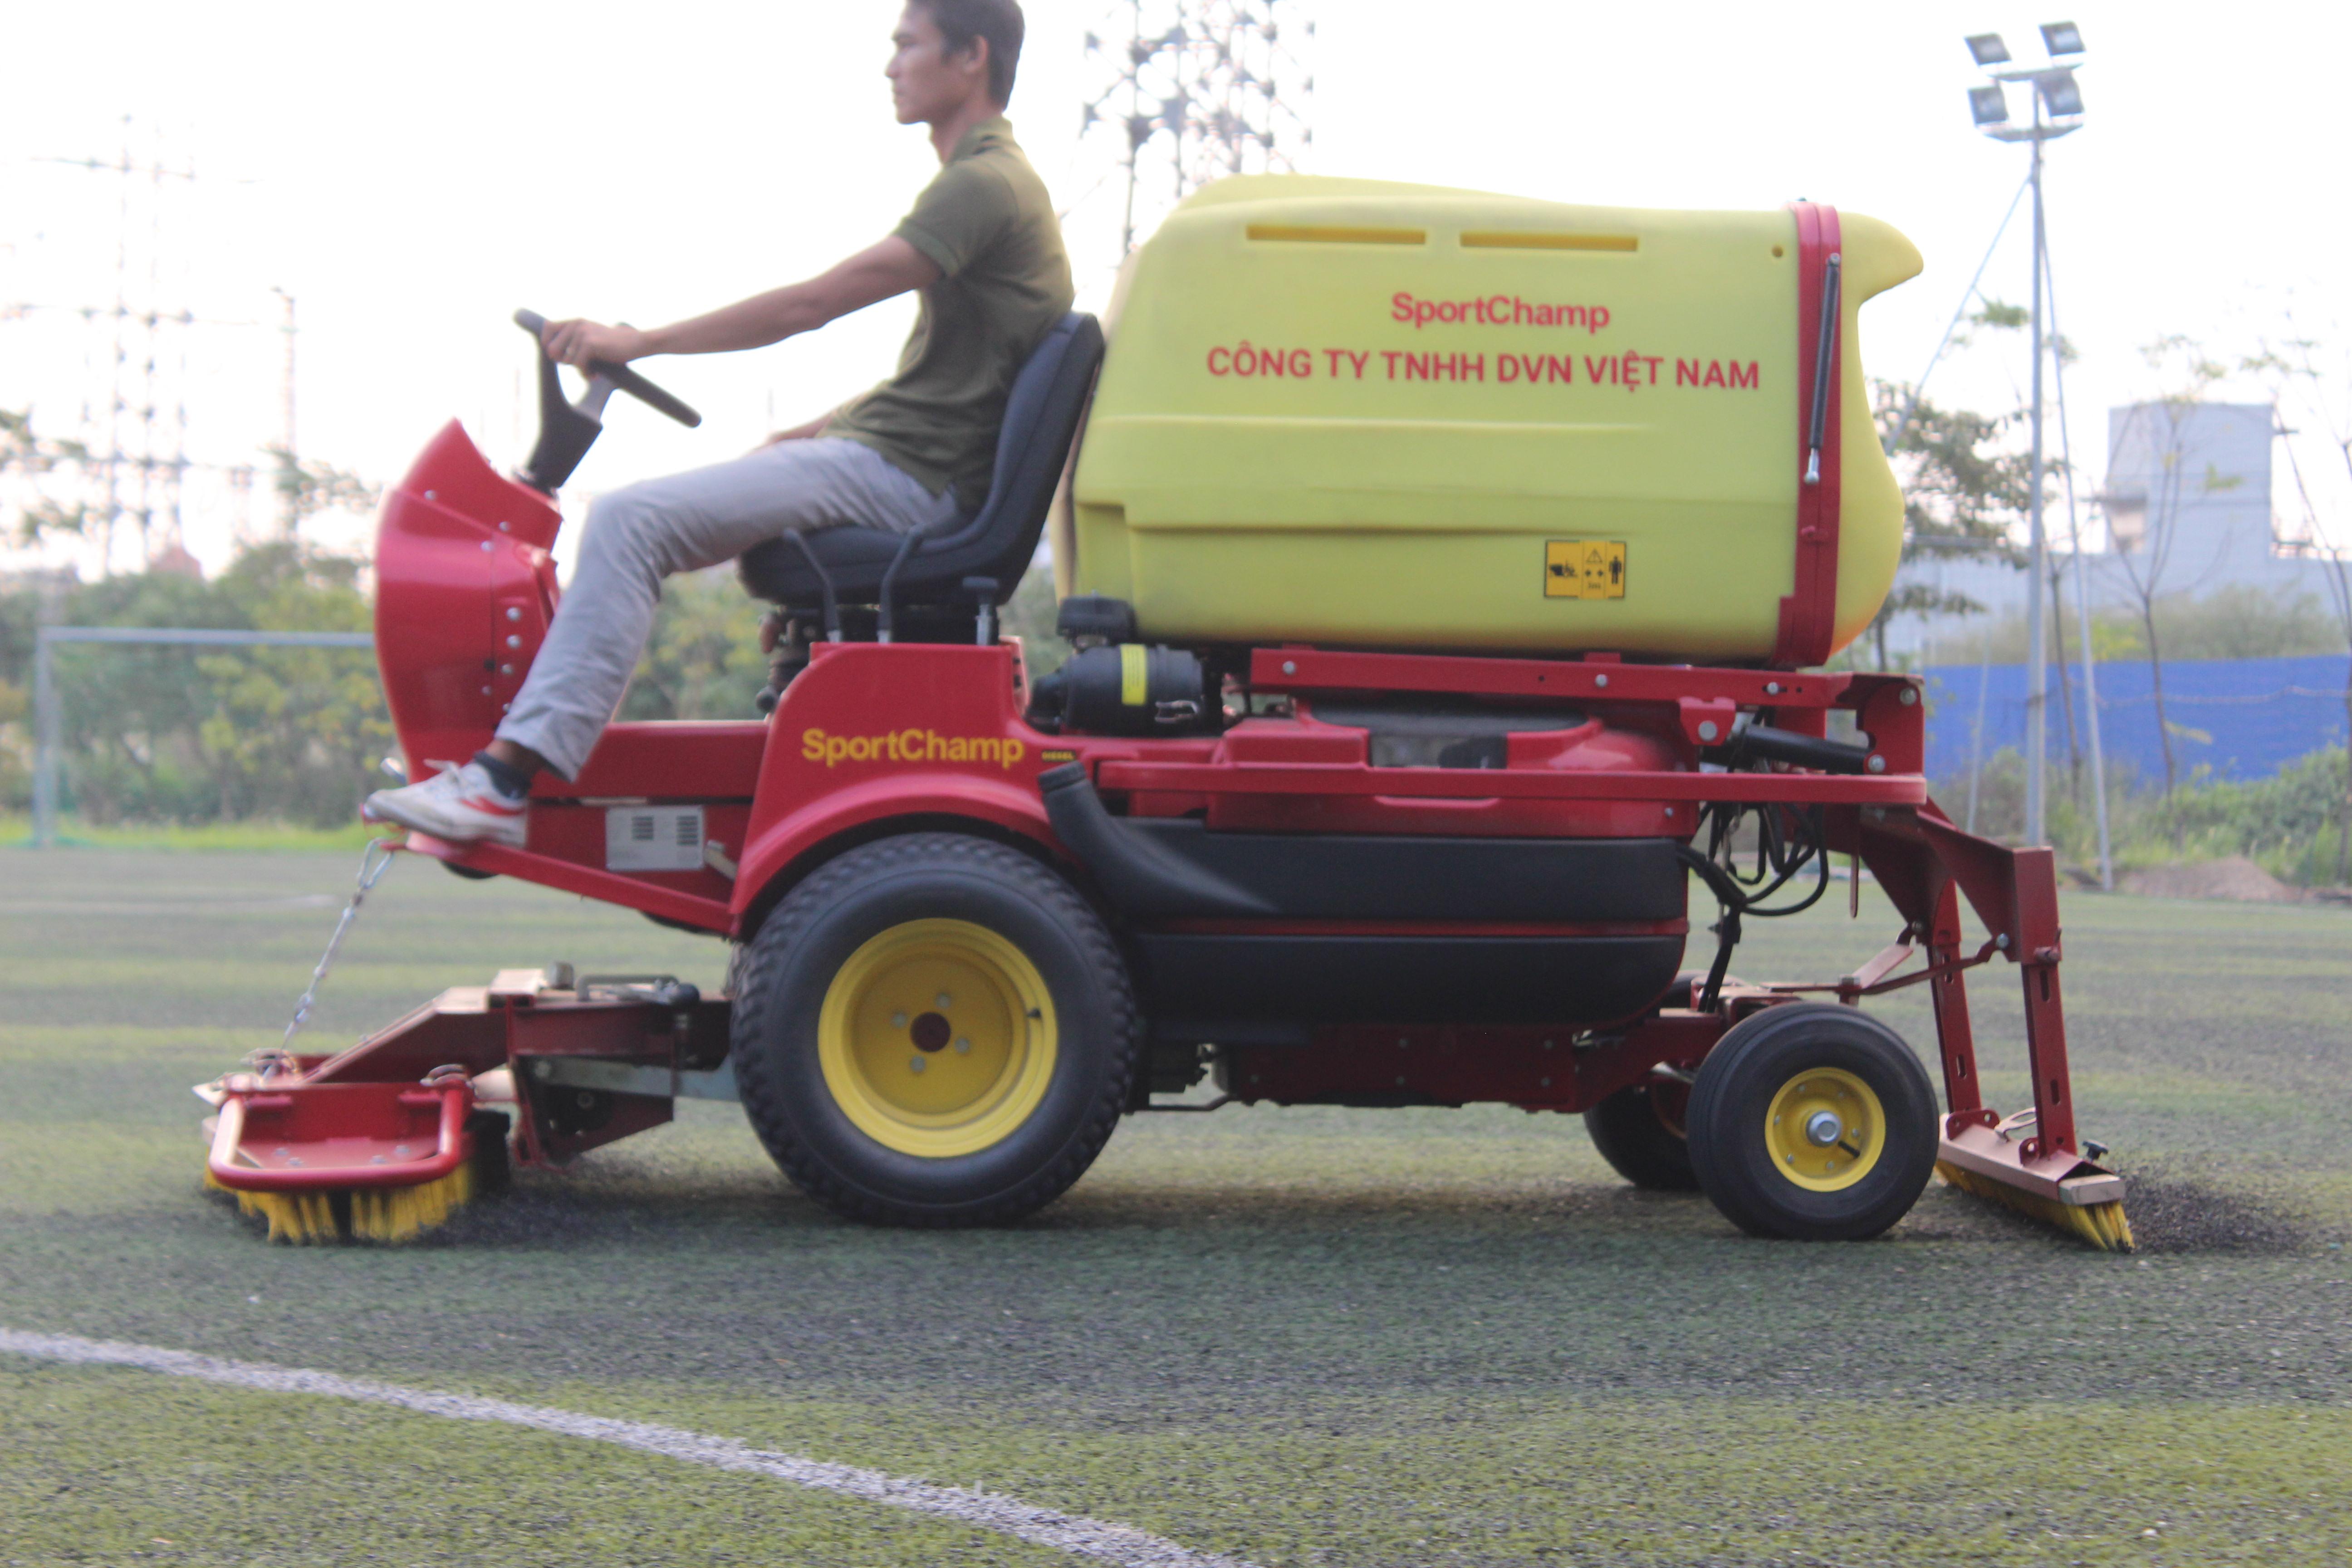 Bảo dưỡng sân bóng cỏ nhân tạo với máy Pportchamp tại Phố Nối, Hưng Yên 2